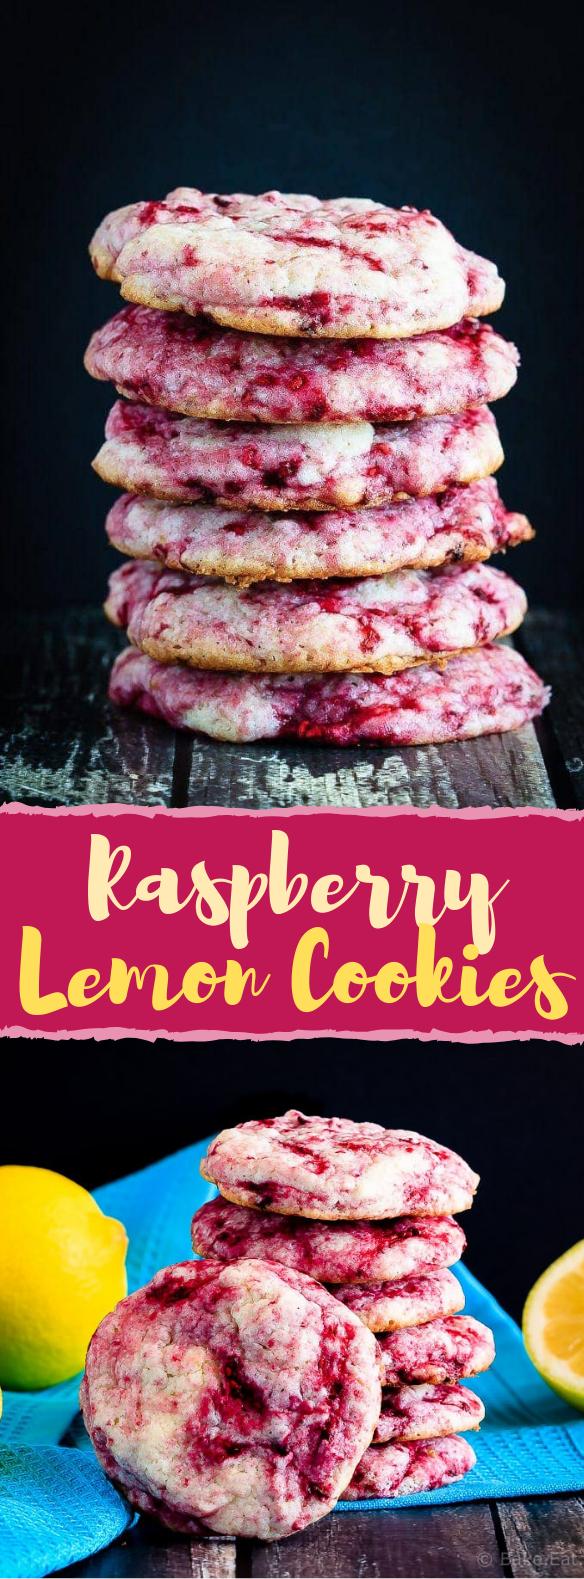 Raspberry Lemon Cookies #sweets #cookie